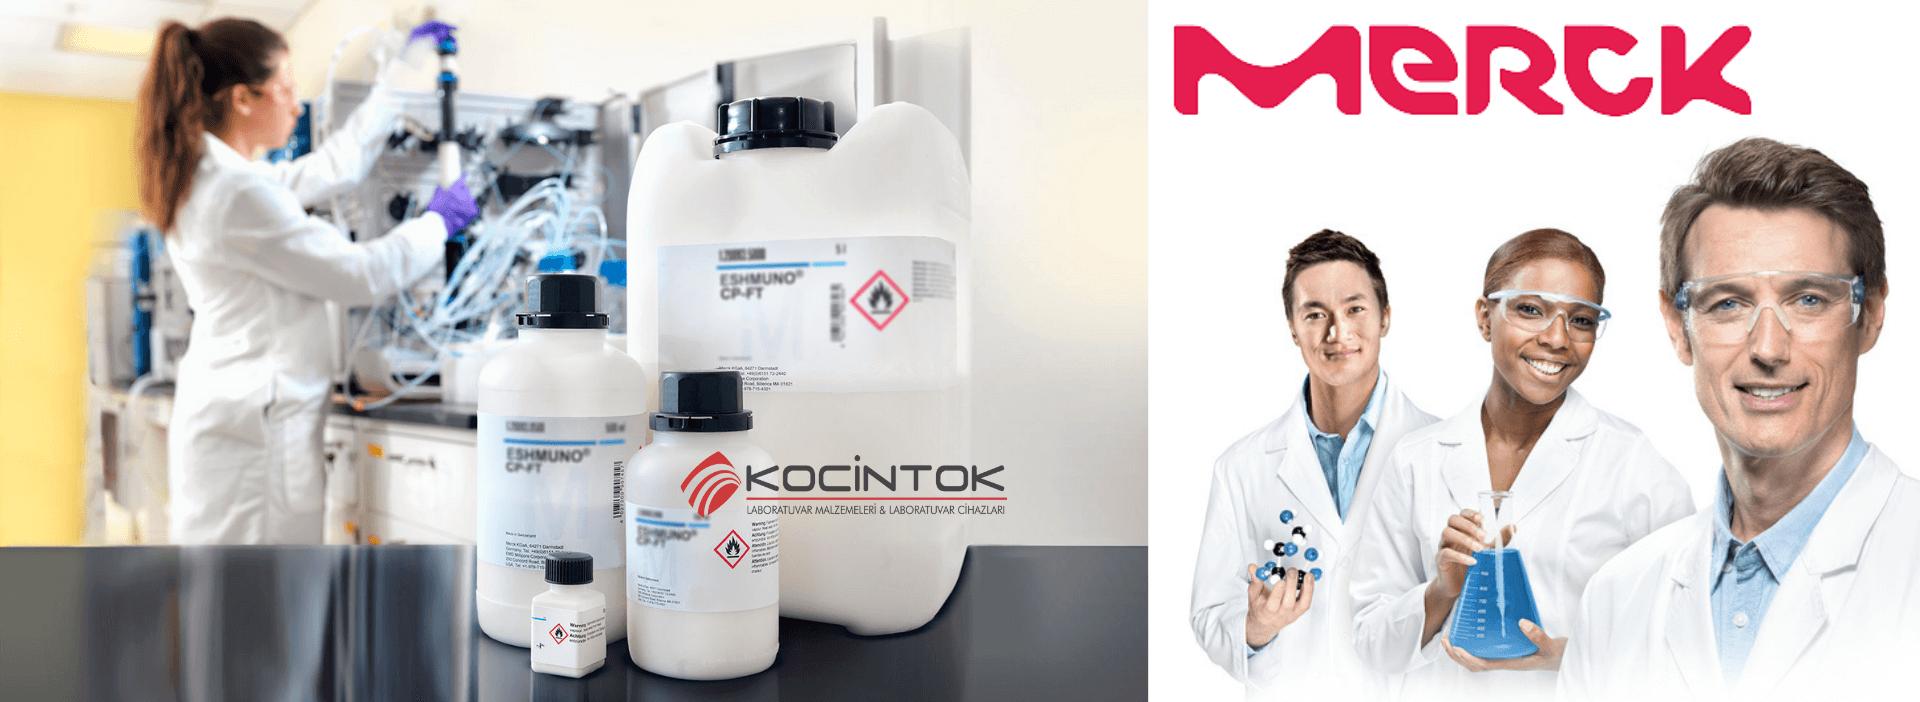 merck-kimyasal-fiyatlari